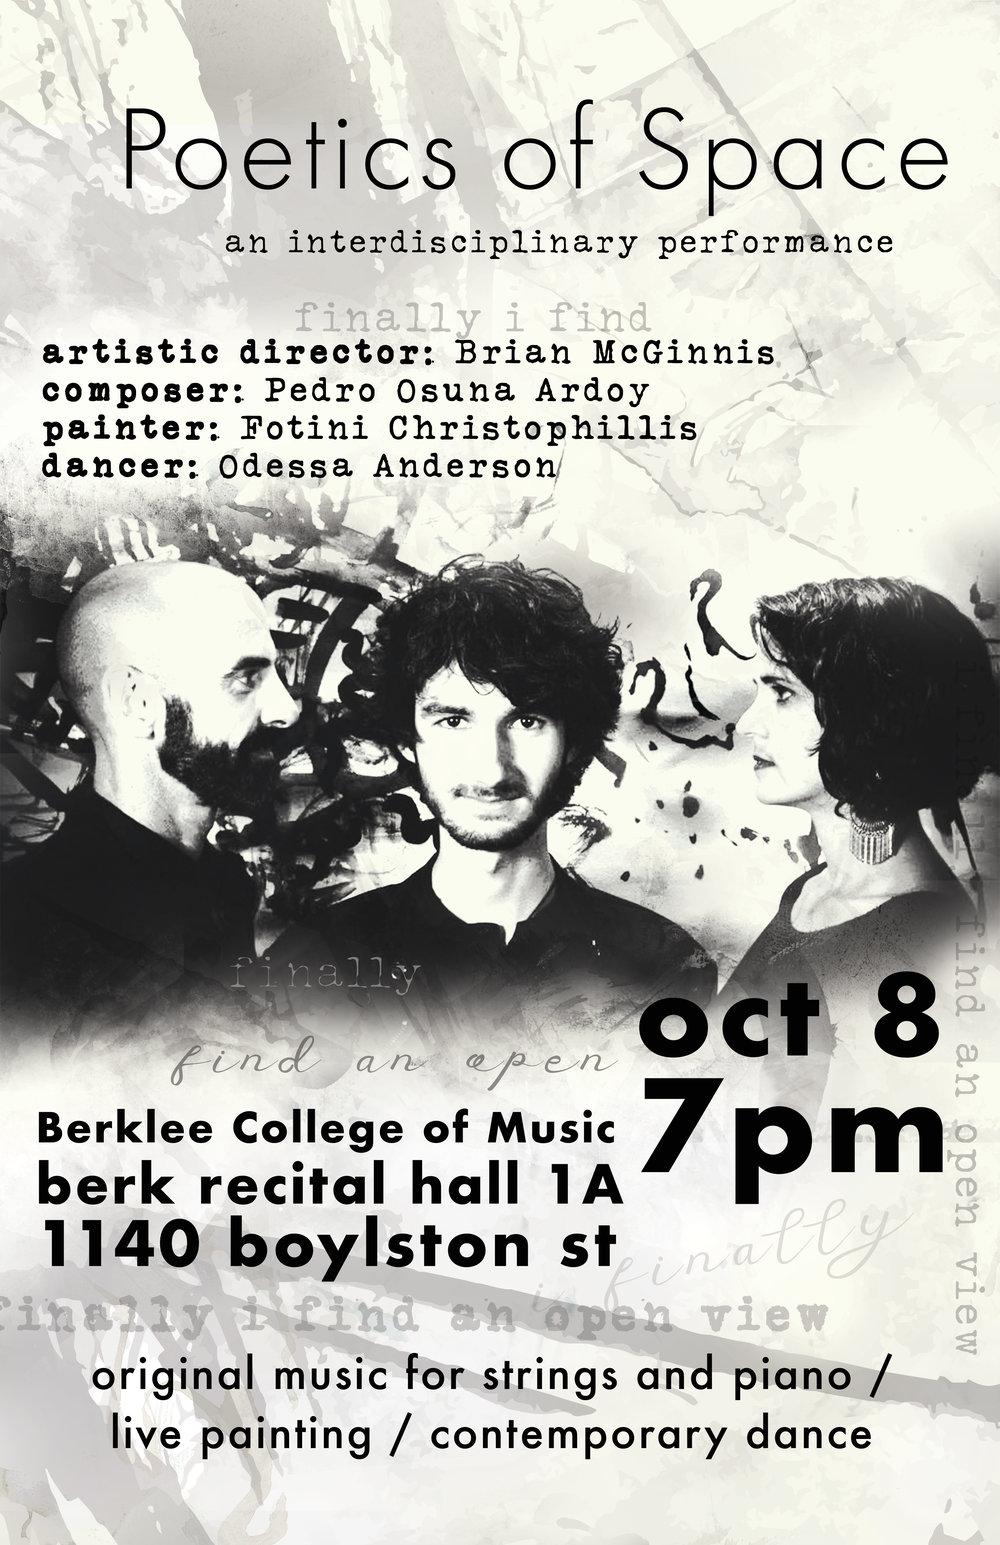 Poetics of Space_Oct8_Poster11X17_FINAL.jpg